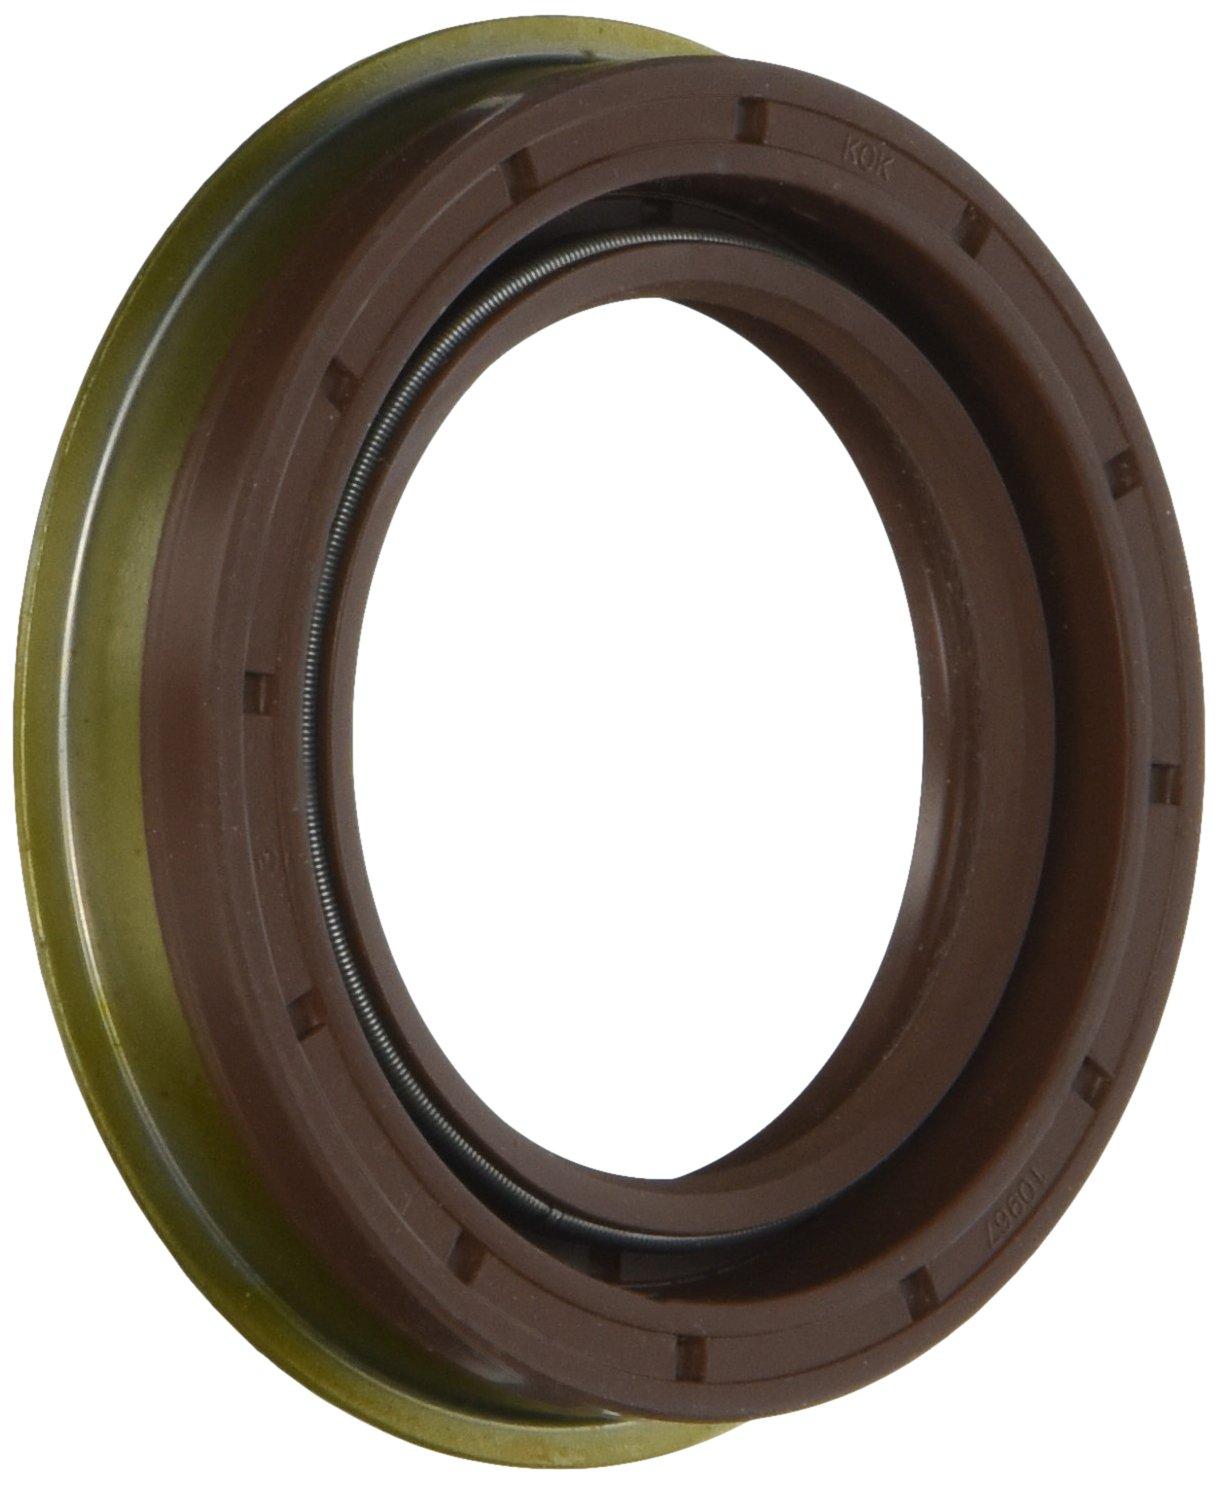 Timken 710481 Pinion Seal